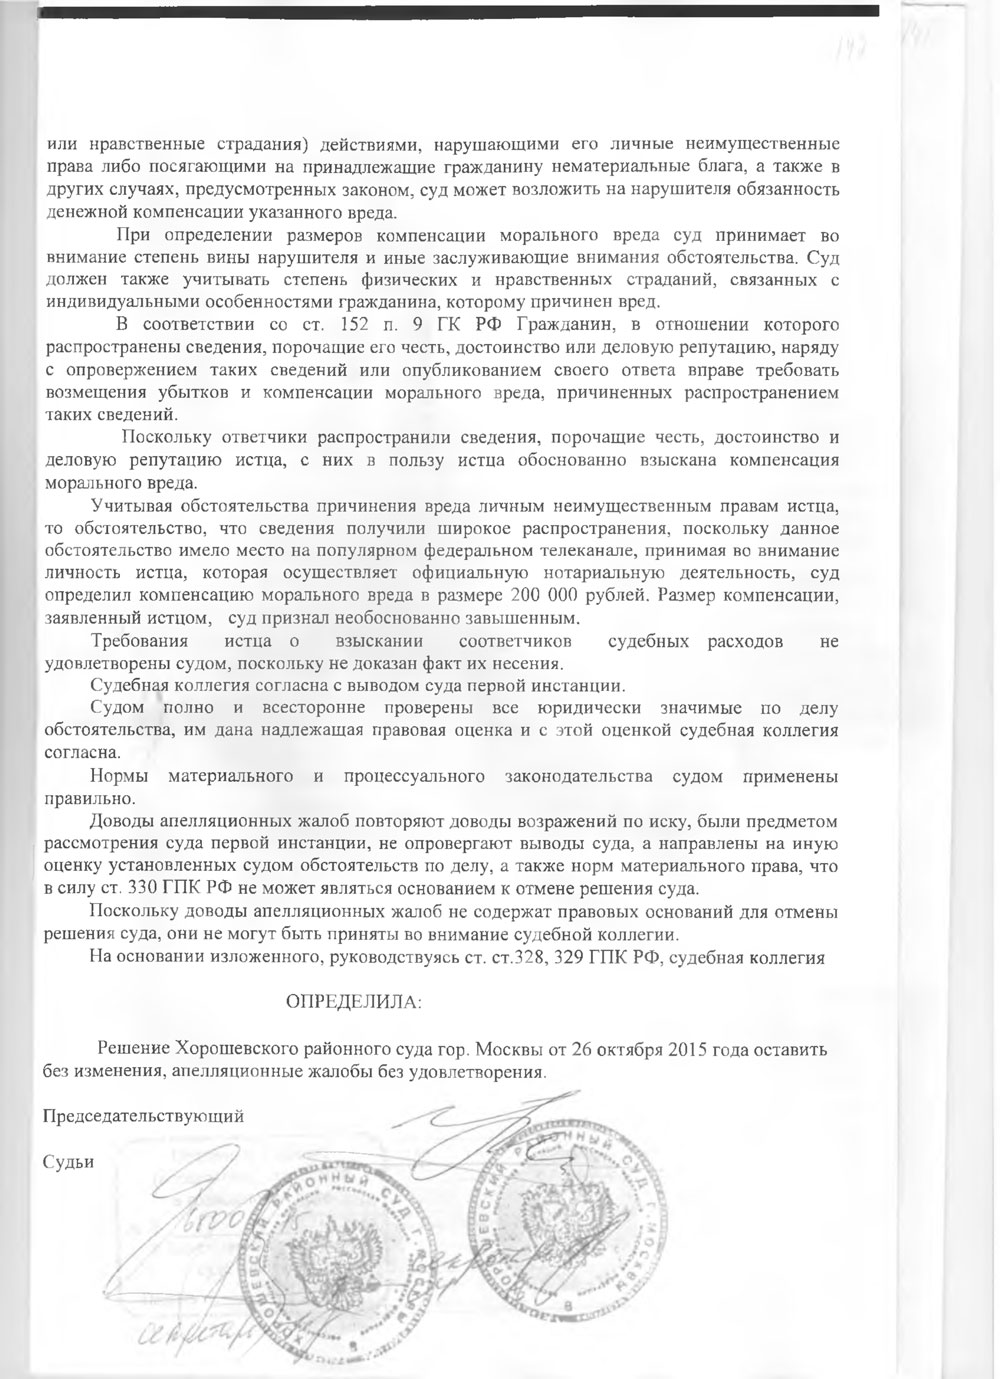 Решение-Мосгорсуда-по-Хорошевскому-суду7